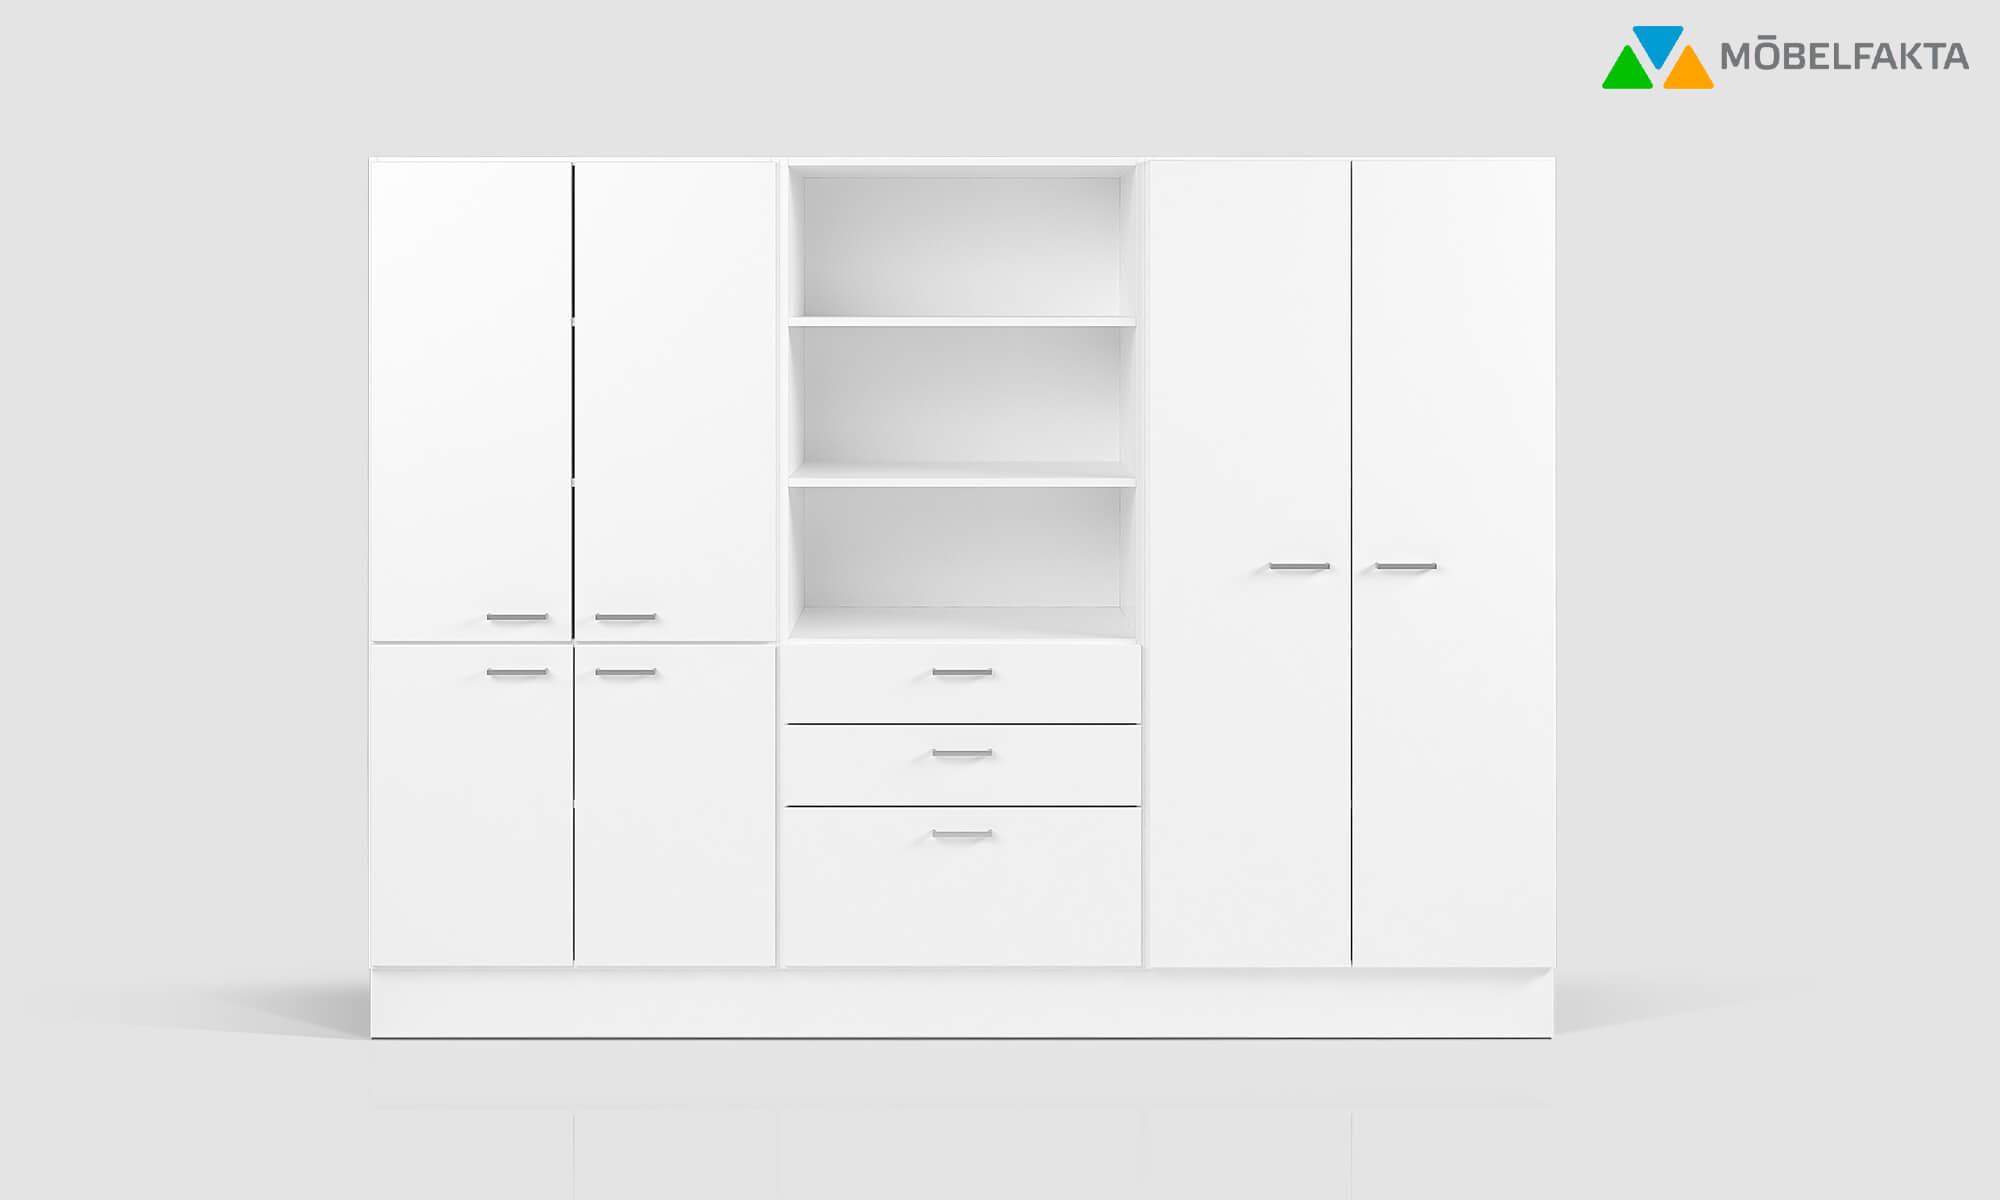 kontorsskåp hylla förvaring storage möbelfakta kontorsförvaring office storage trece shelves